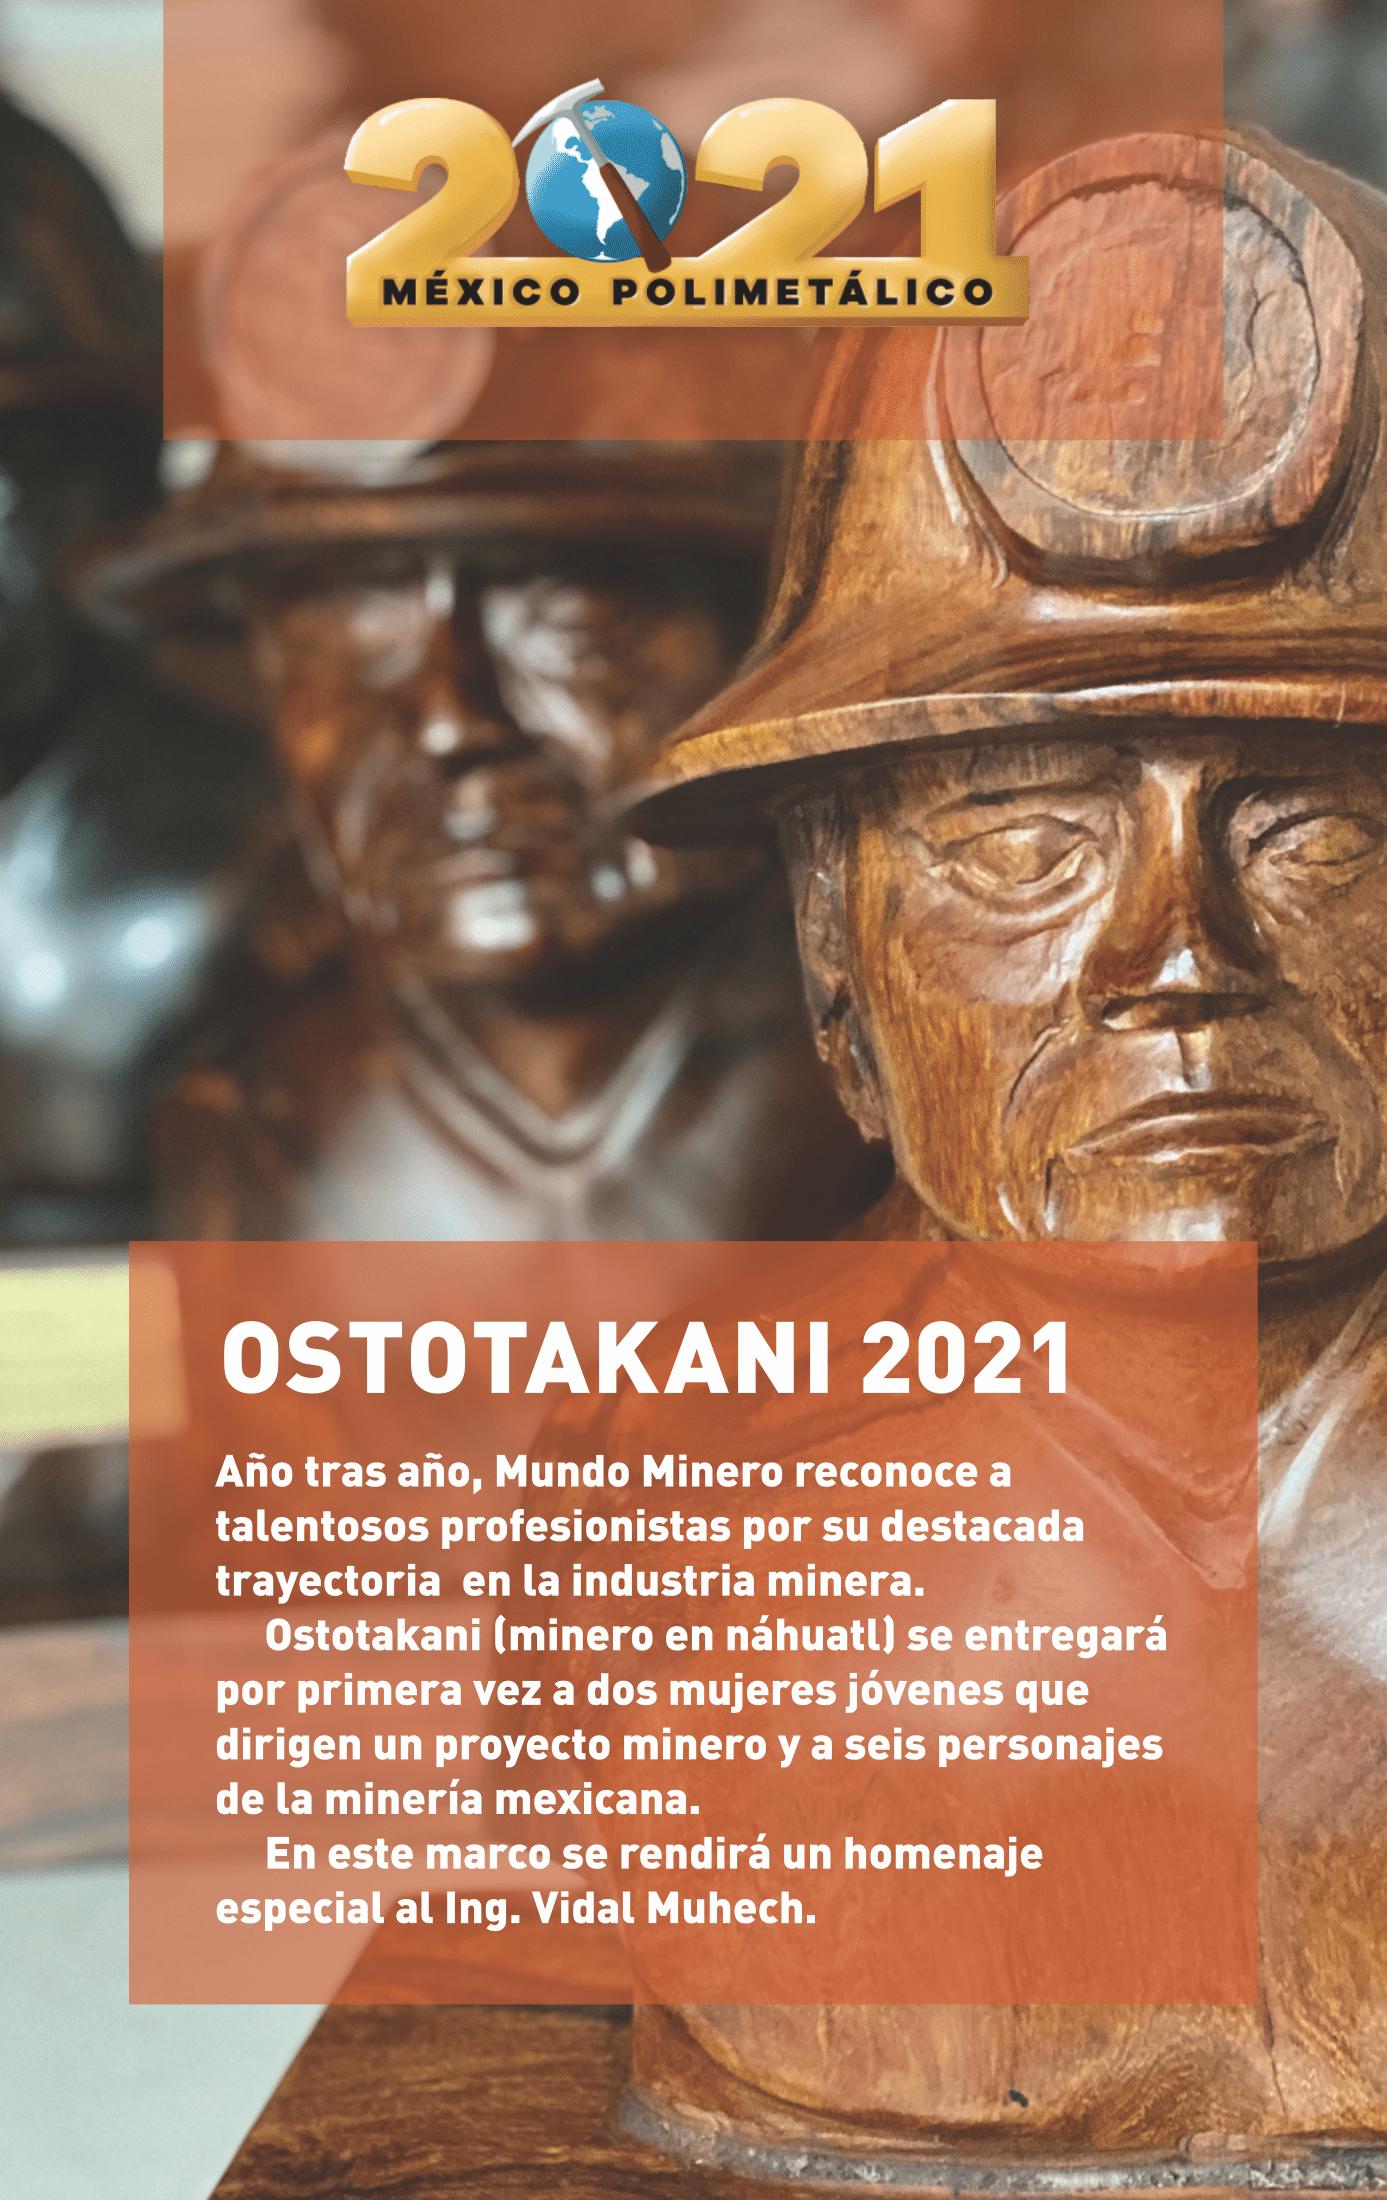 MEXICO POLIMETALICO 2021-3